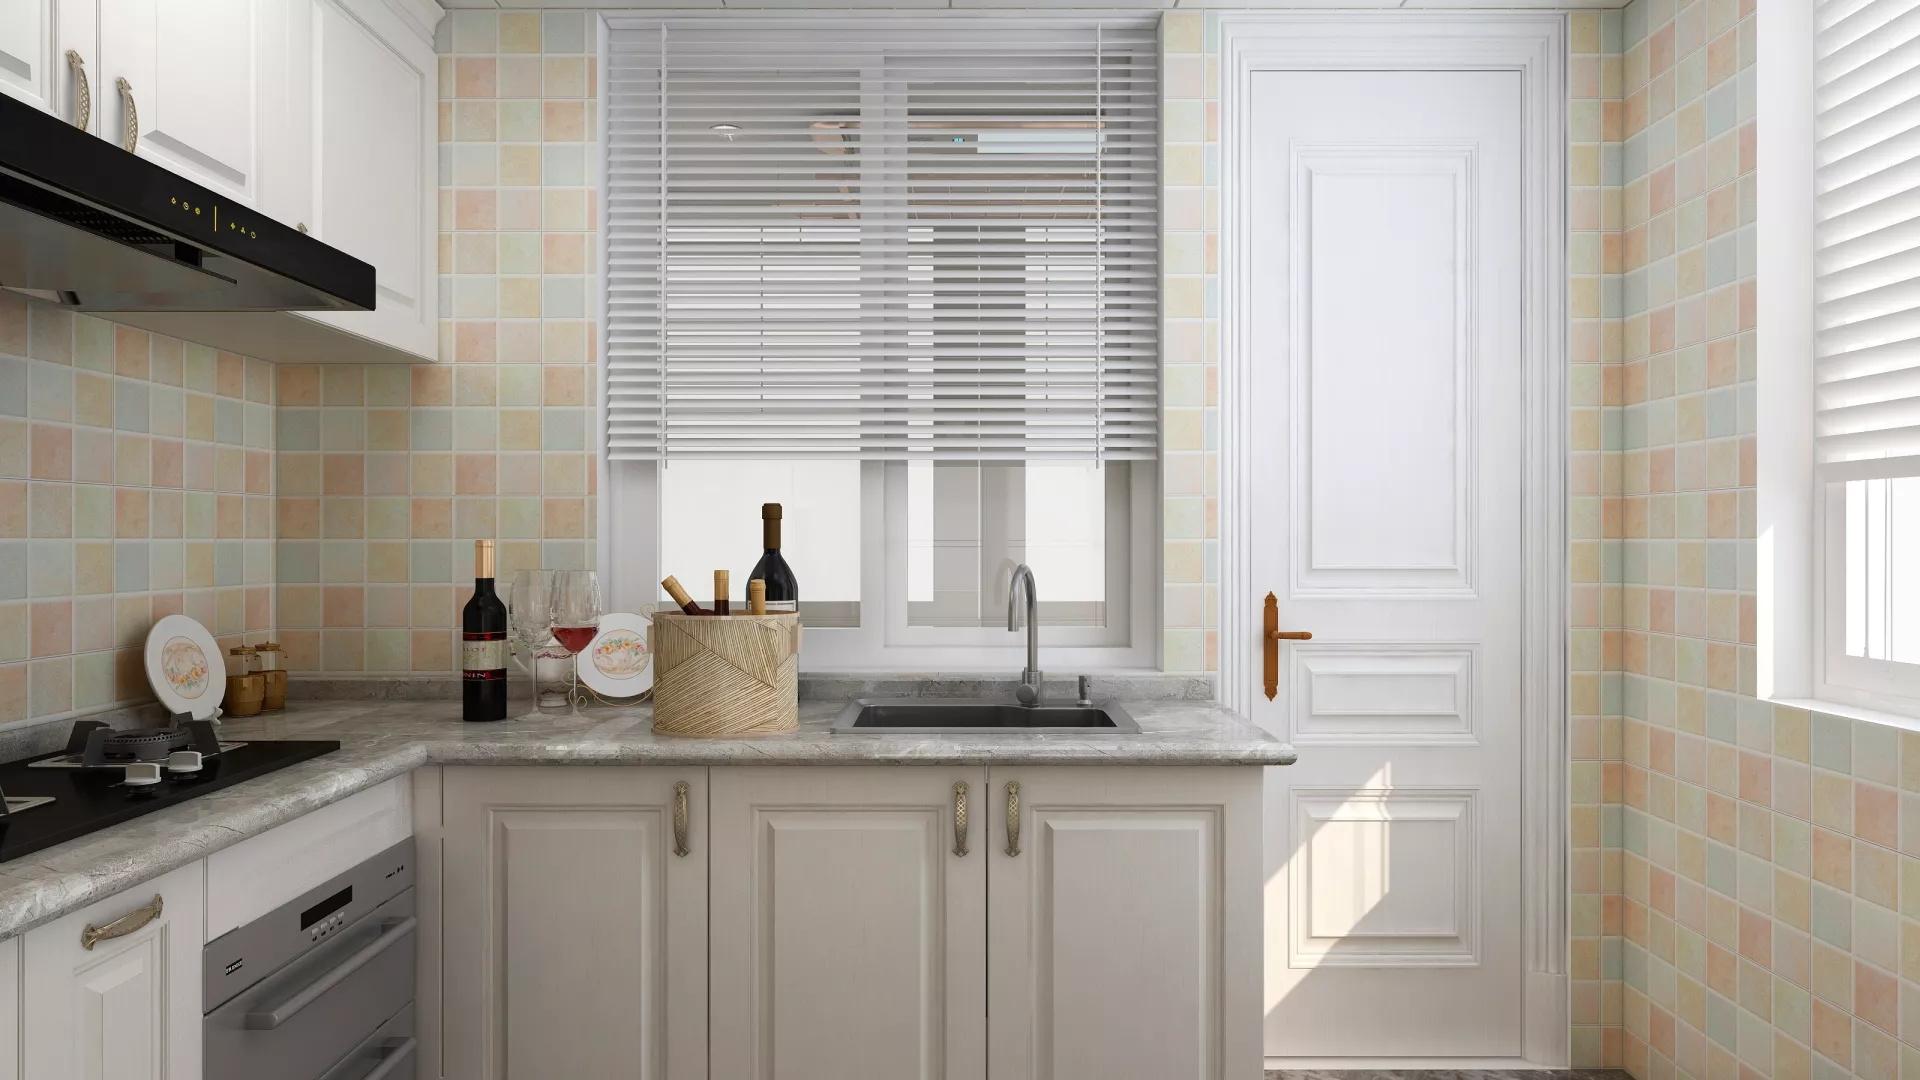 厨房光线暗怎么装修 厨房装修设计案例